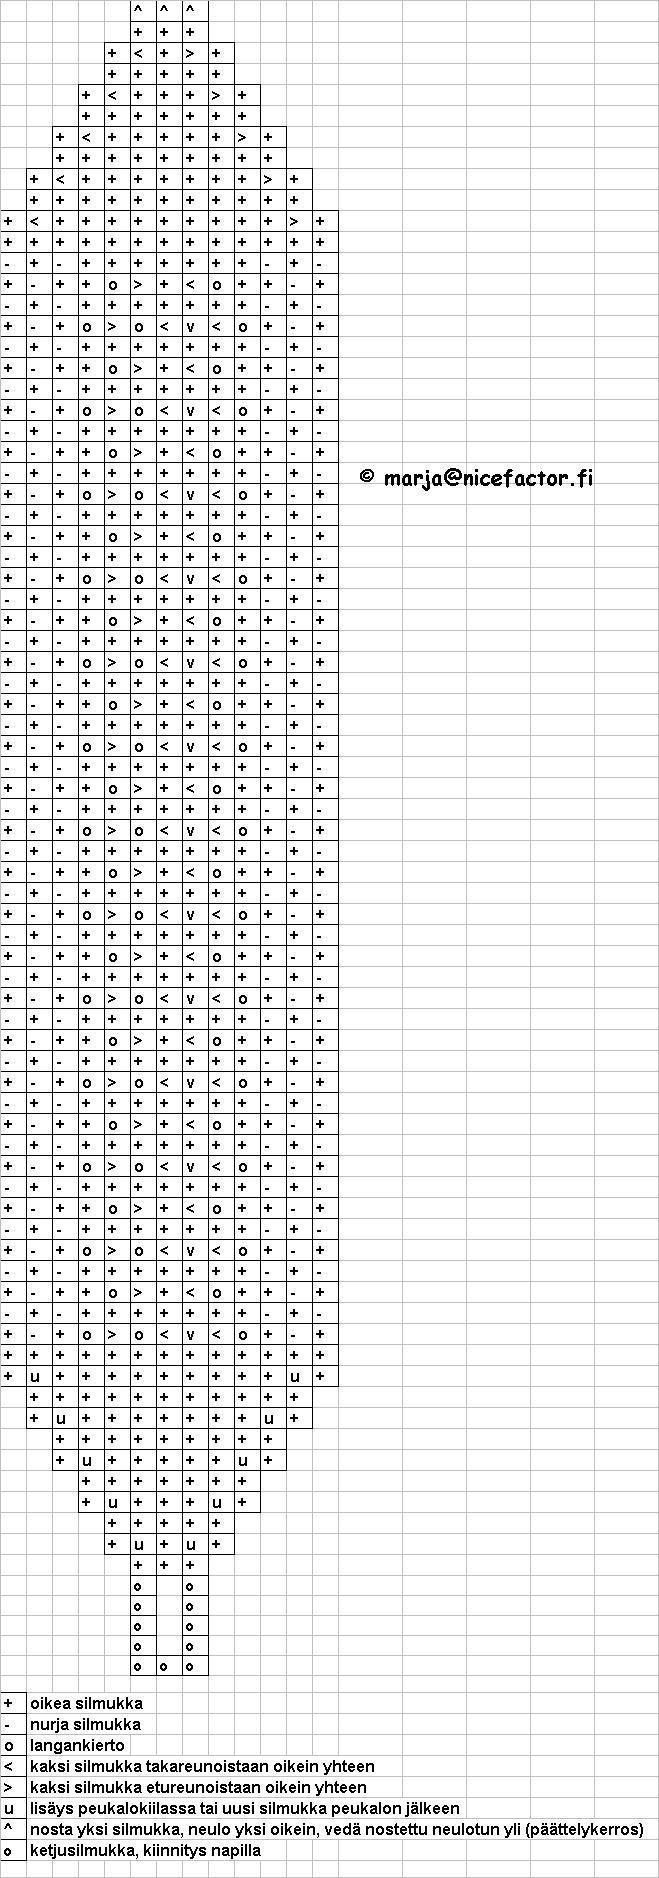 493147.jpg